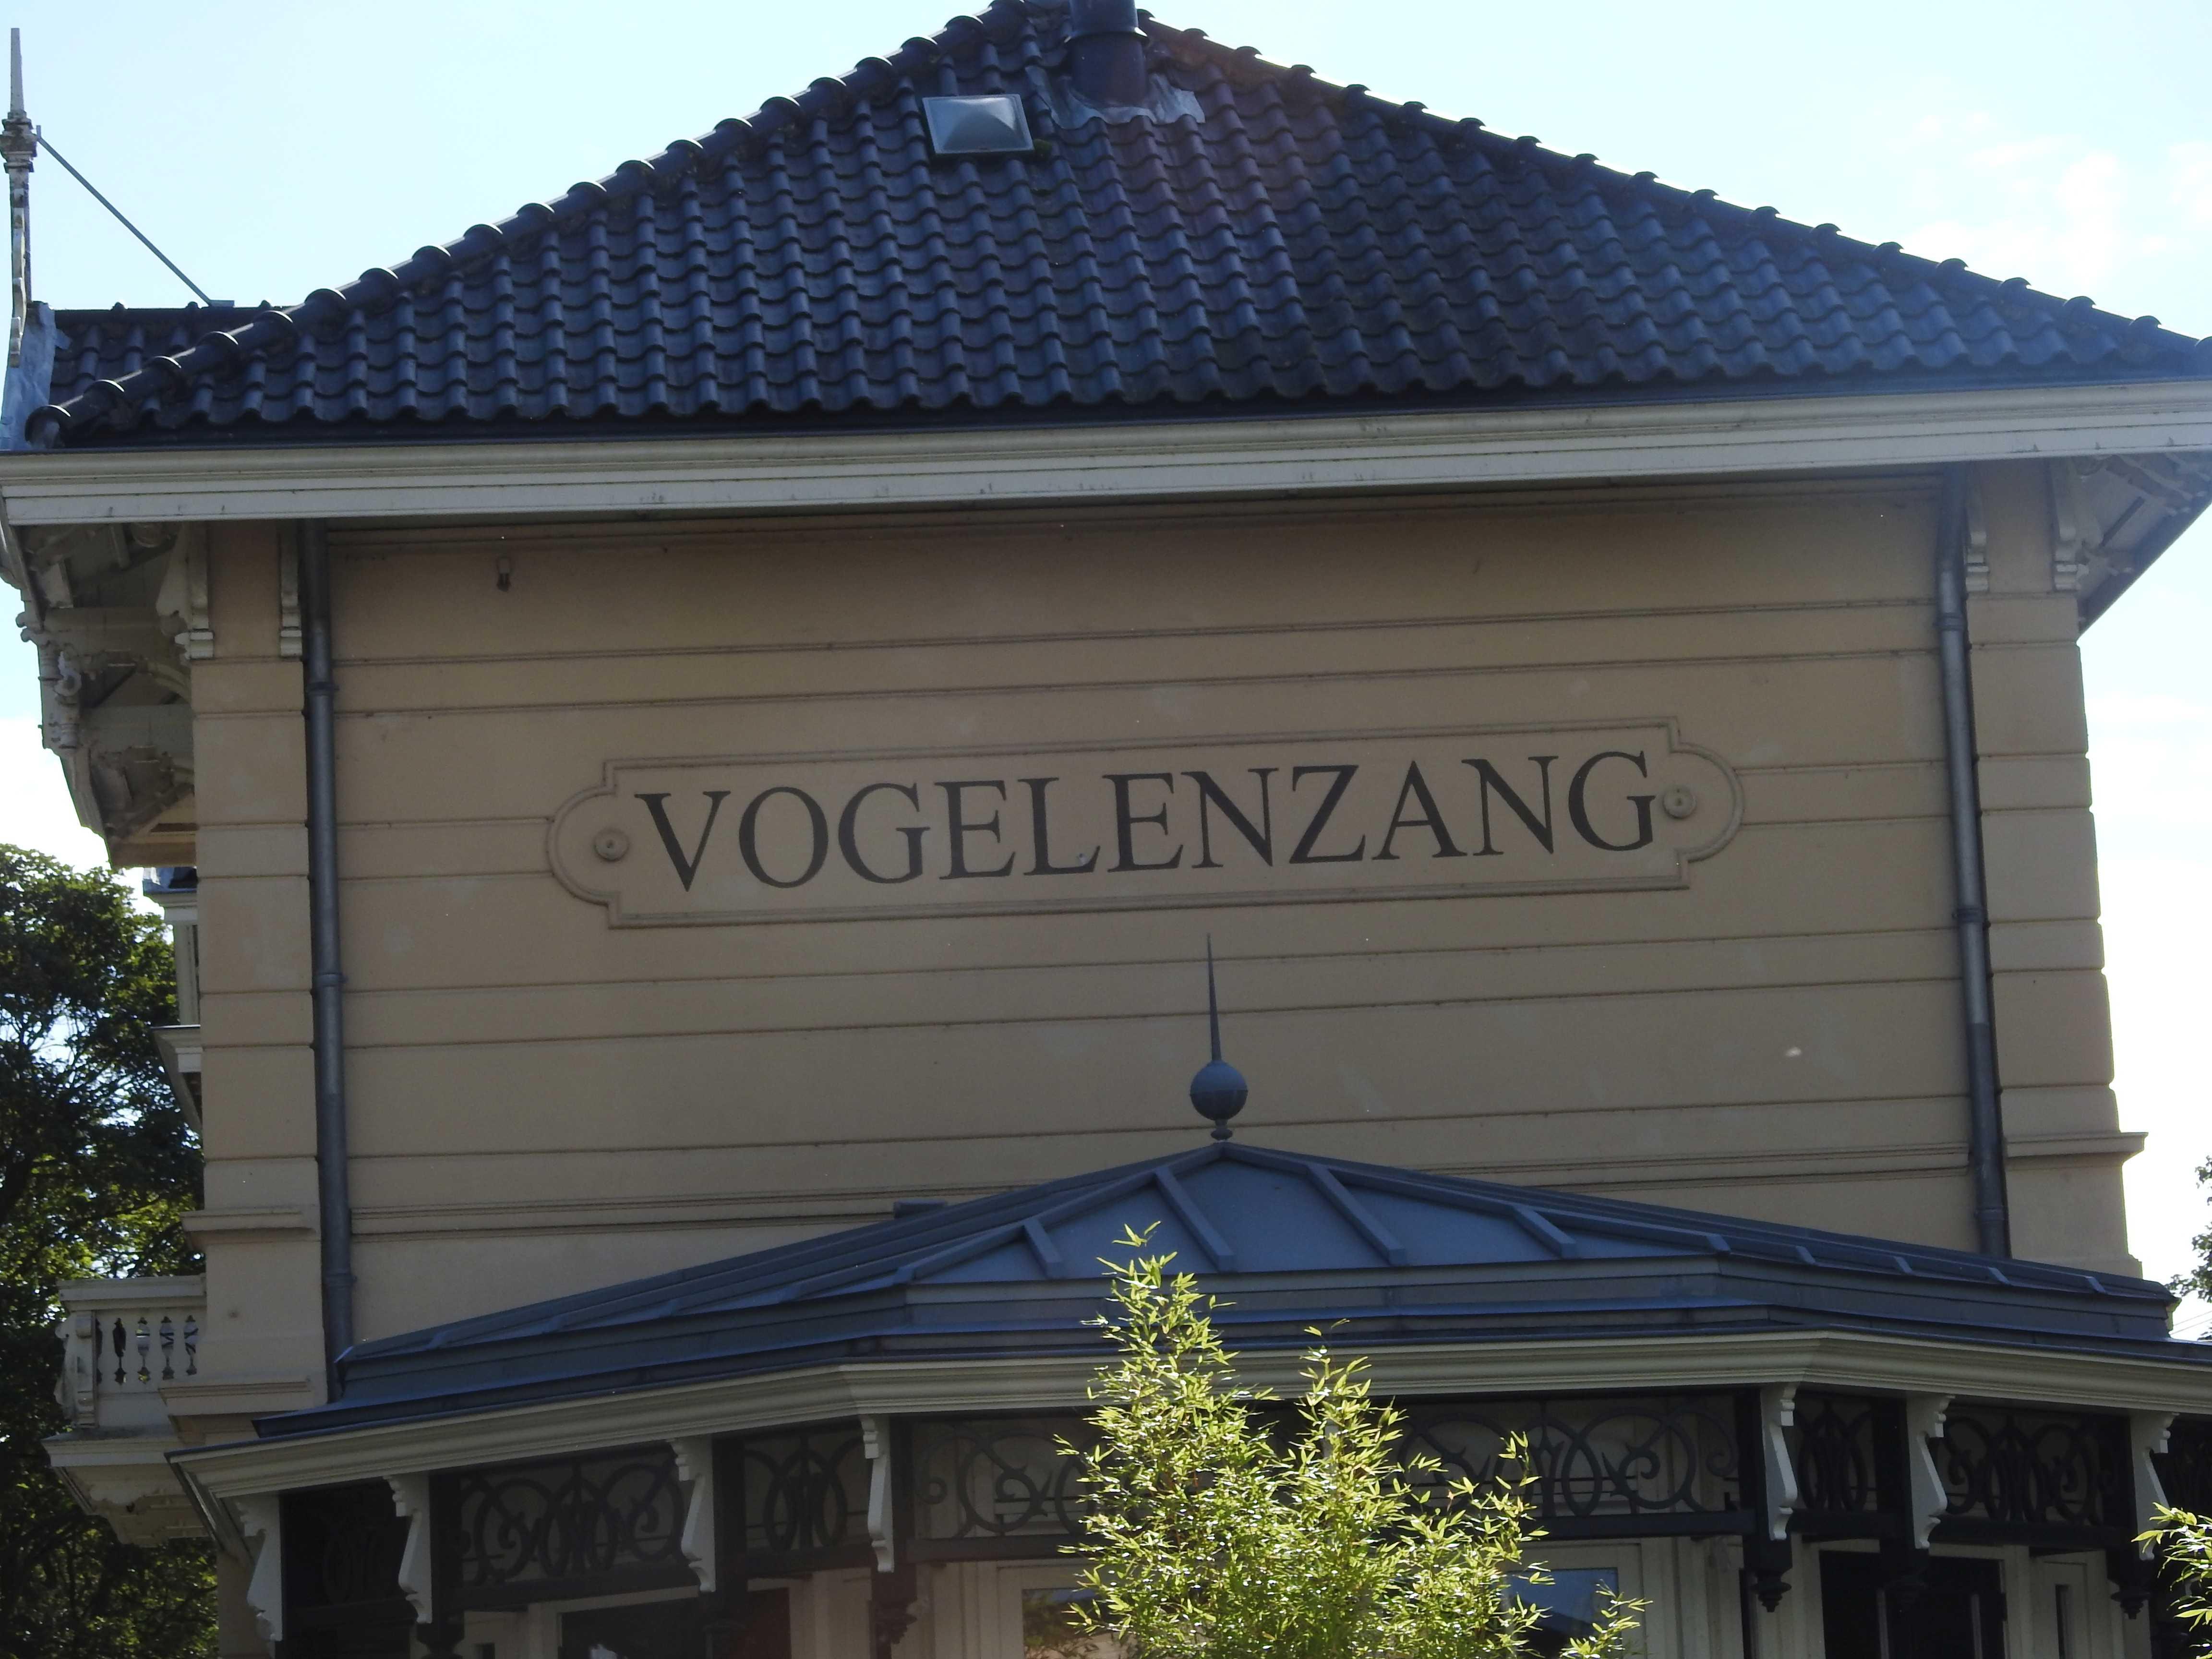 Vogelenzang Station